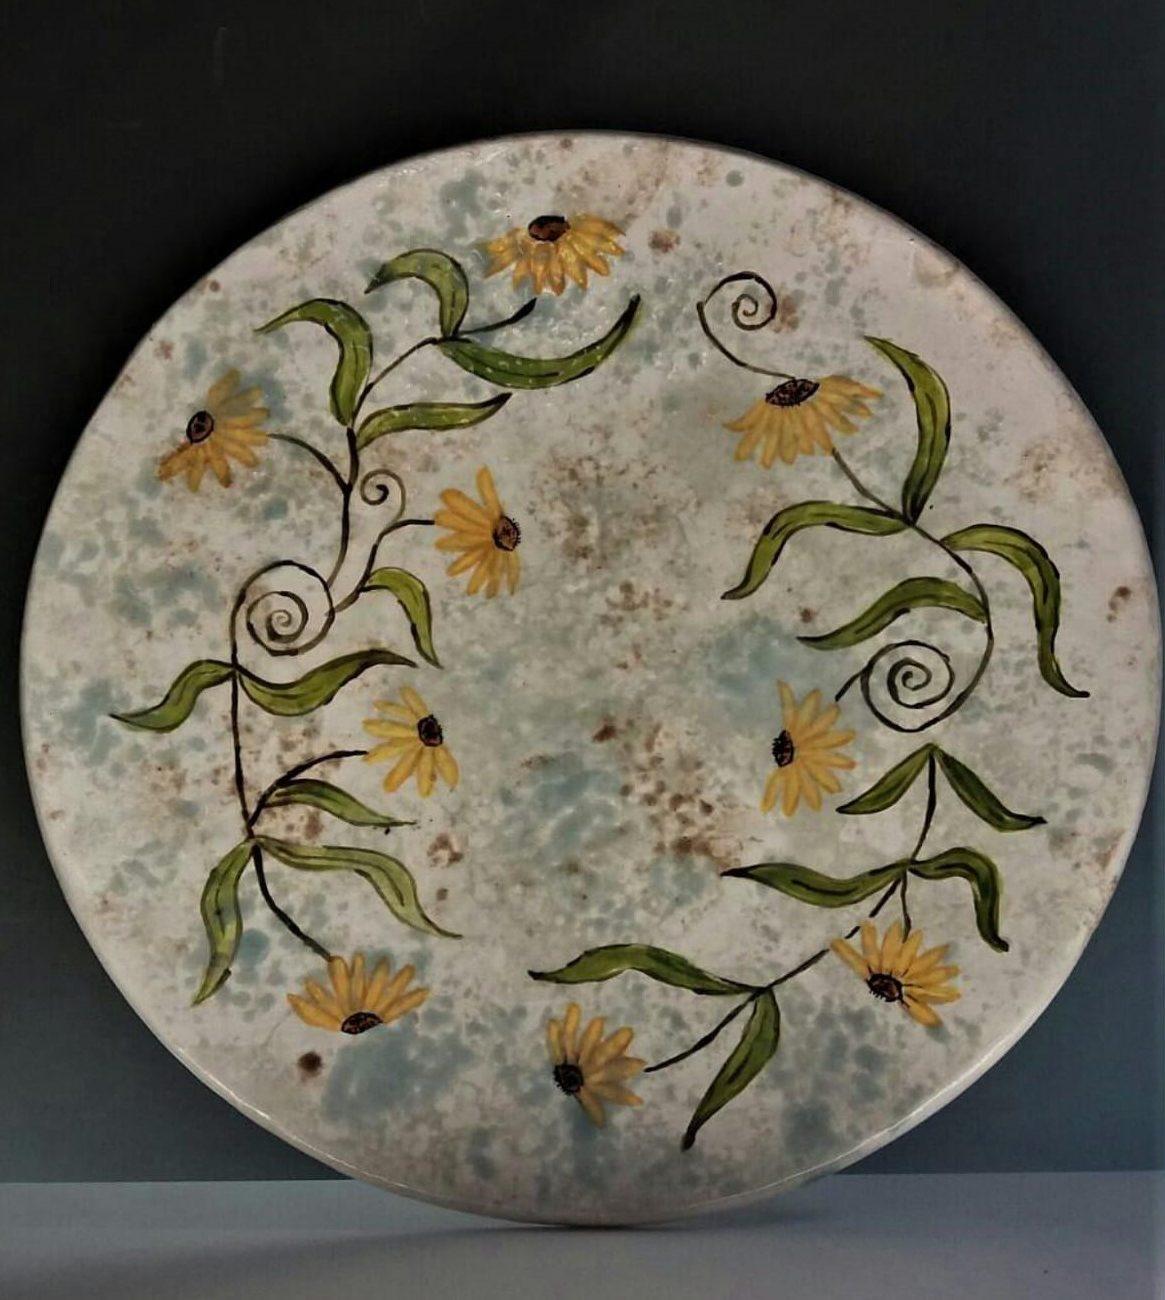 Papatyalar Duvar tabağı  Teknik: Sır Altı Boyama Bubble Metod  Ölçü : 35 x 35 cm